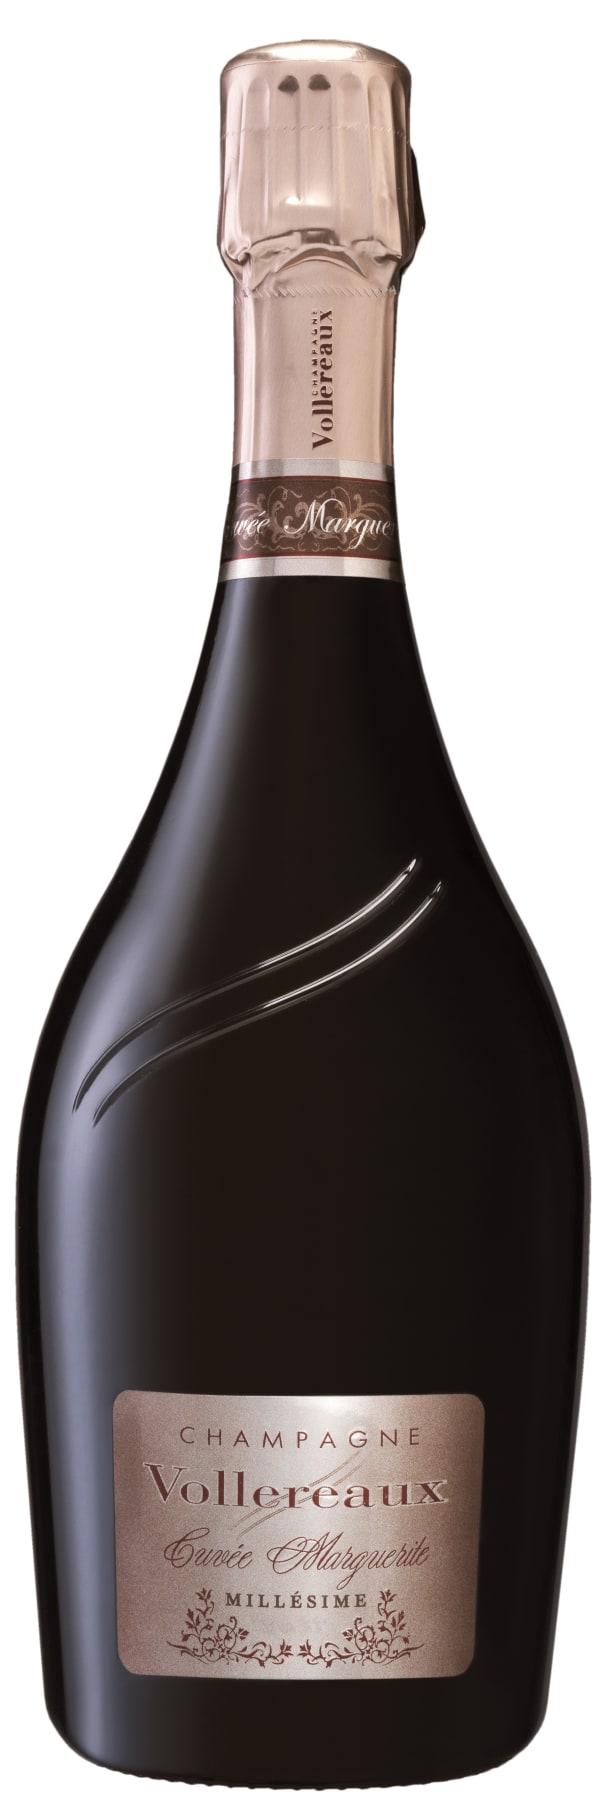 Vollereaux Cuvée Marguerite Millésime Champagne Brut 2008